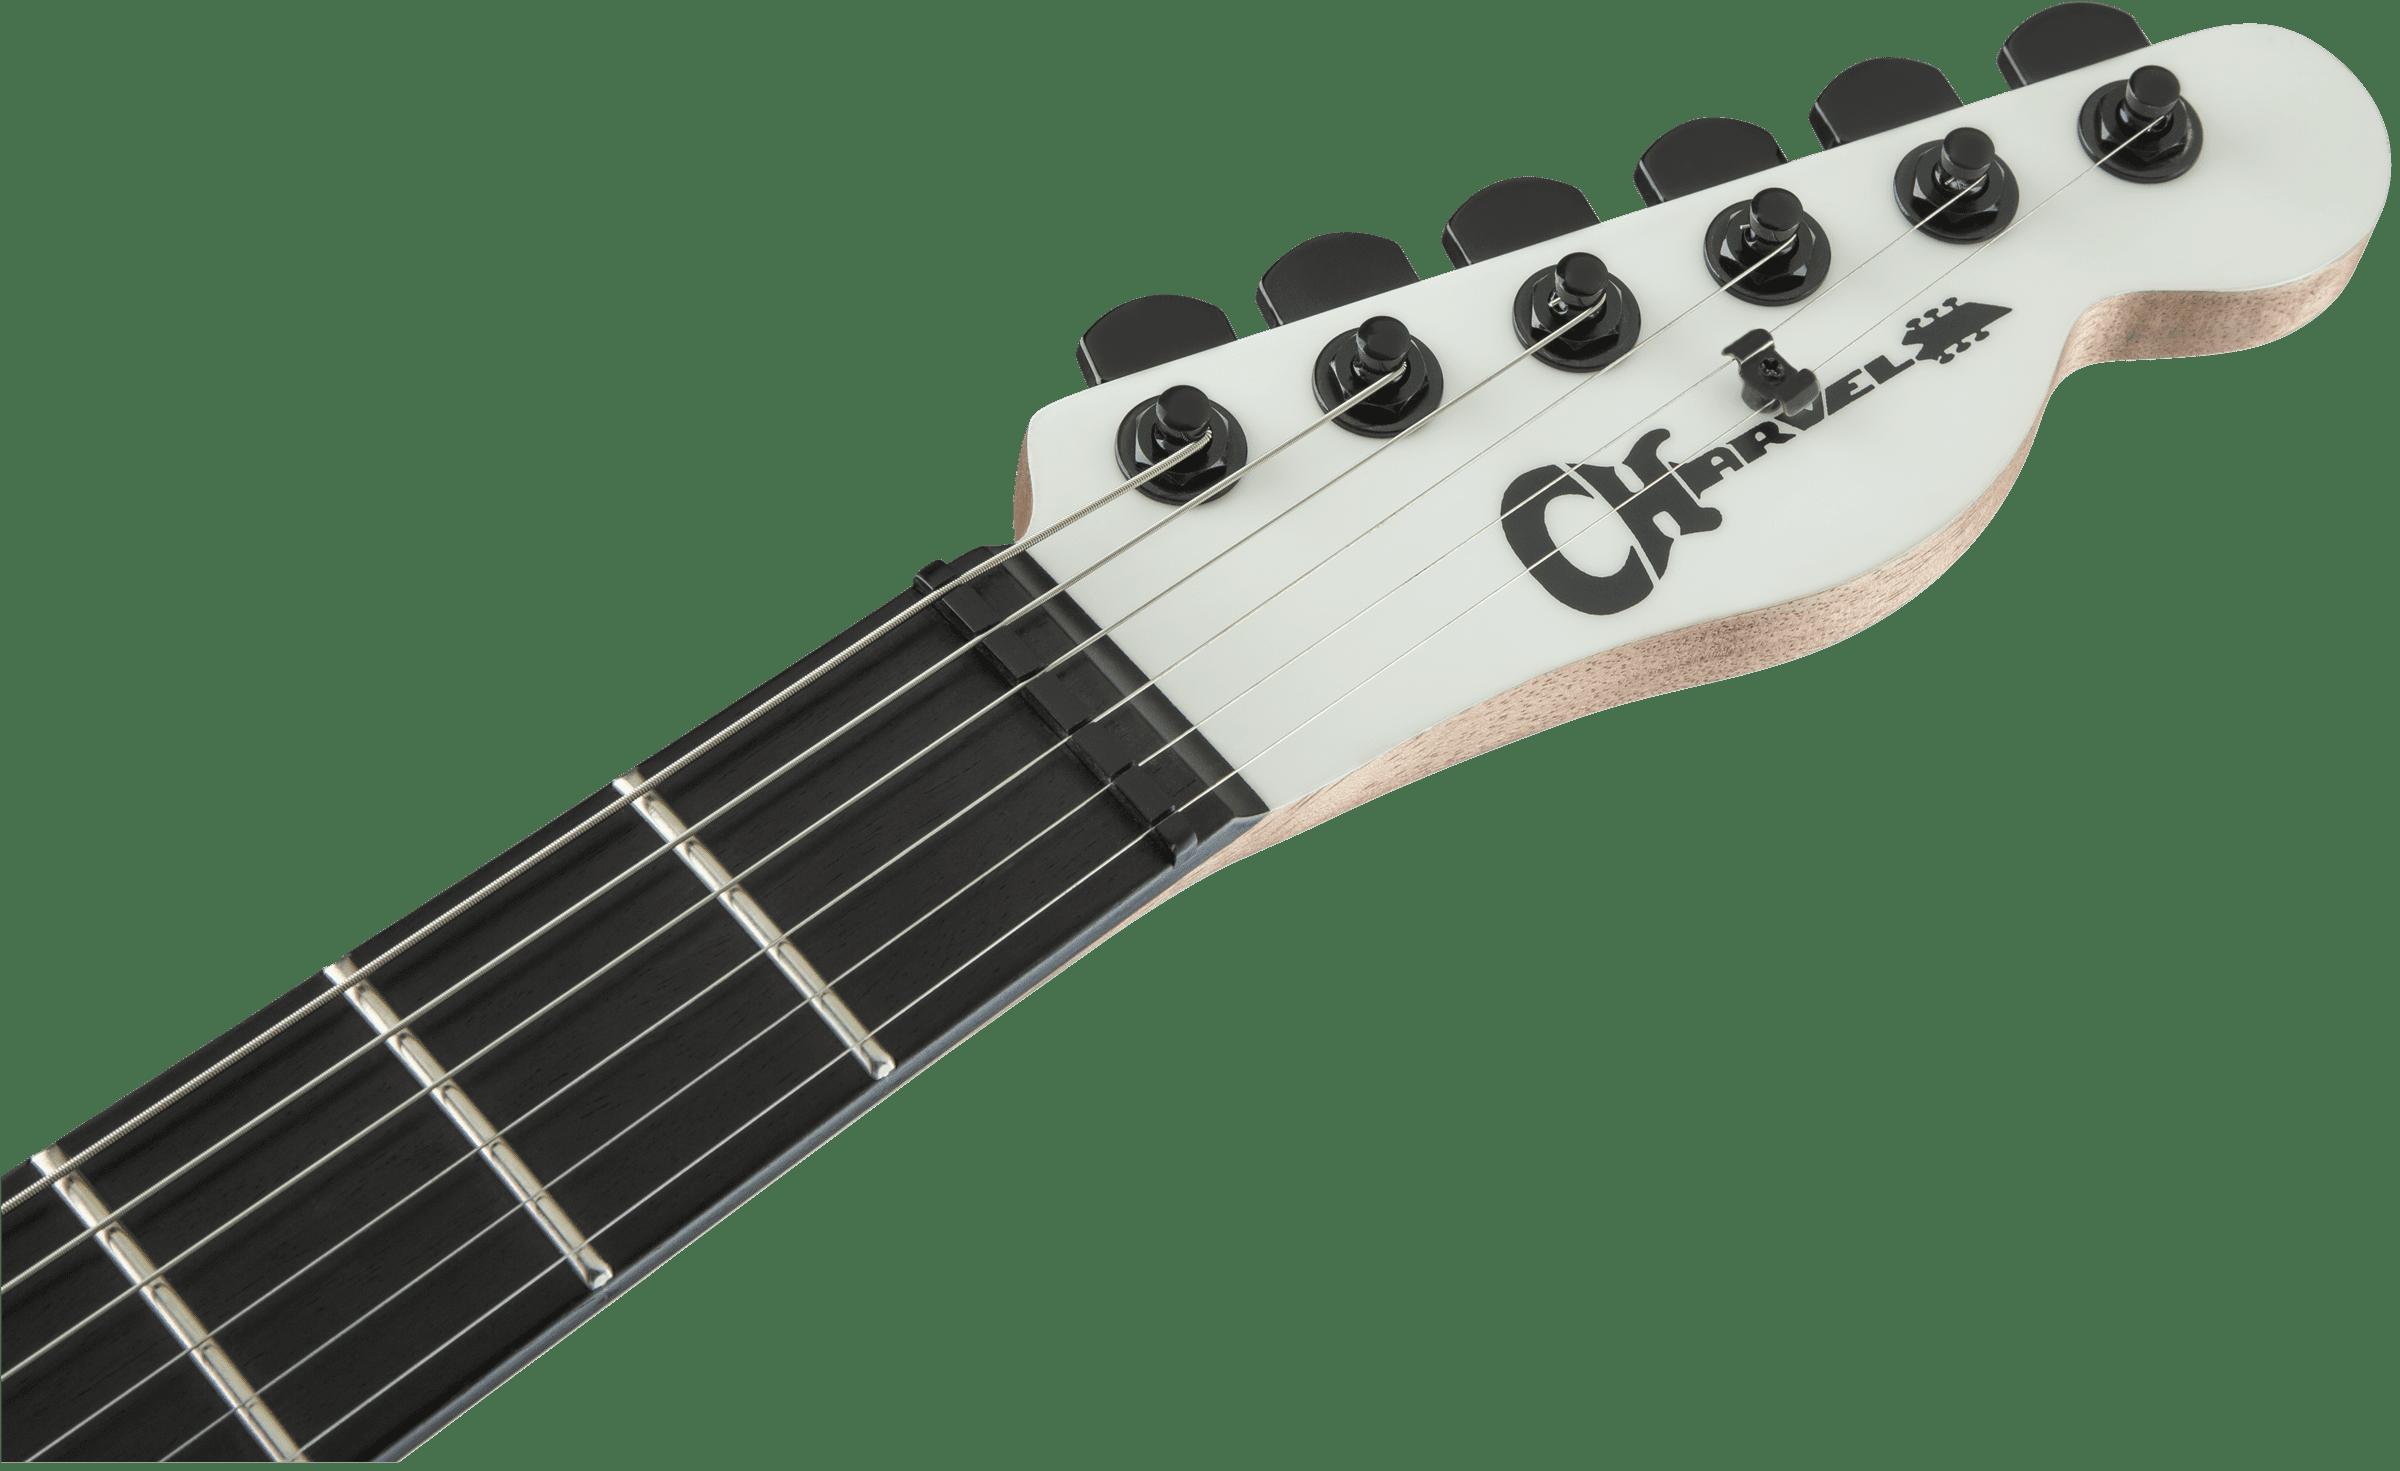 Tolle Verkabelung Einer E Gitarre Fotos - Elektrische Schaltplan ...